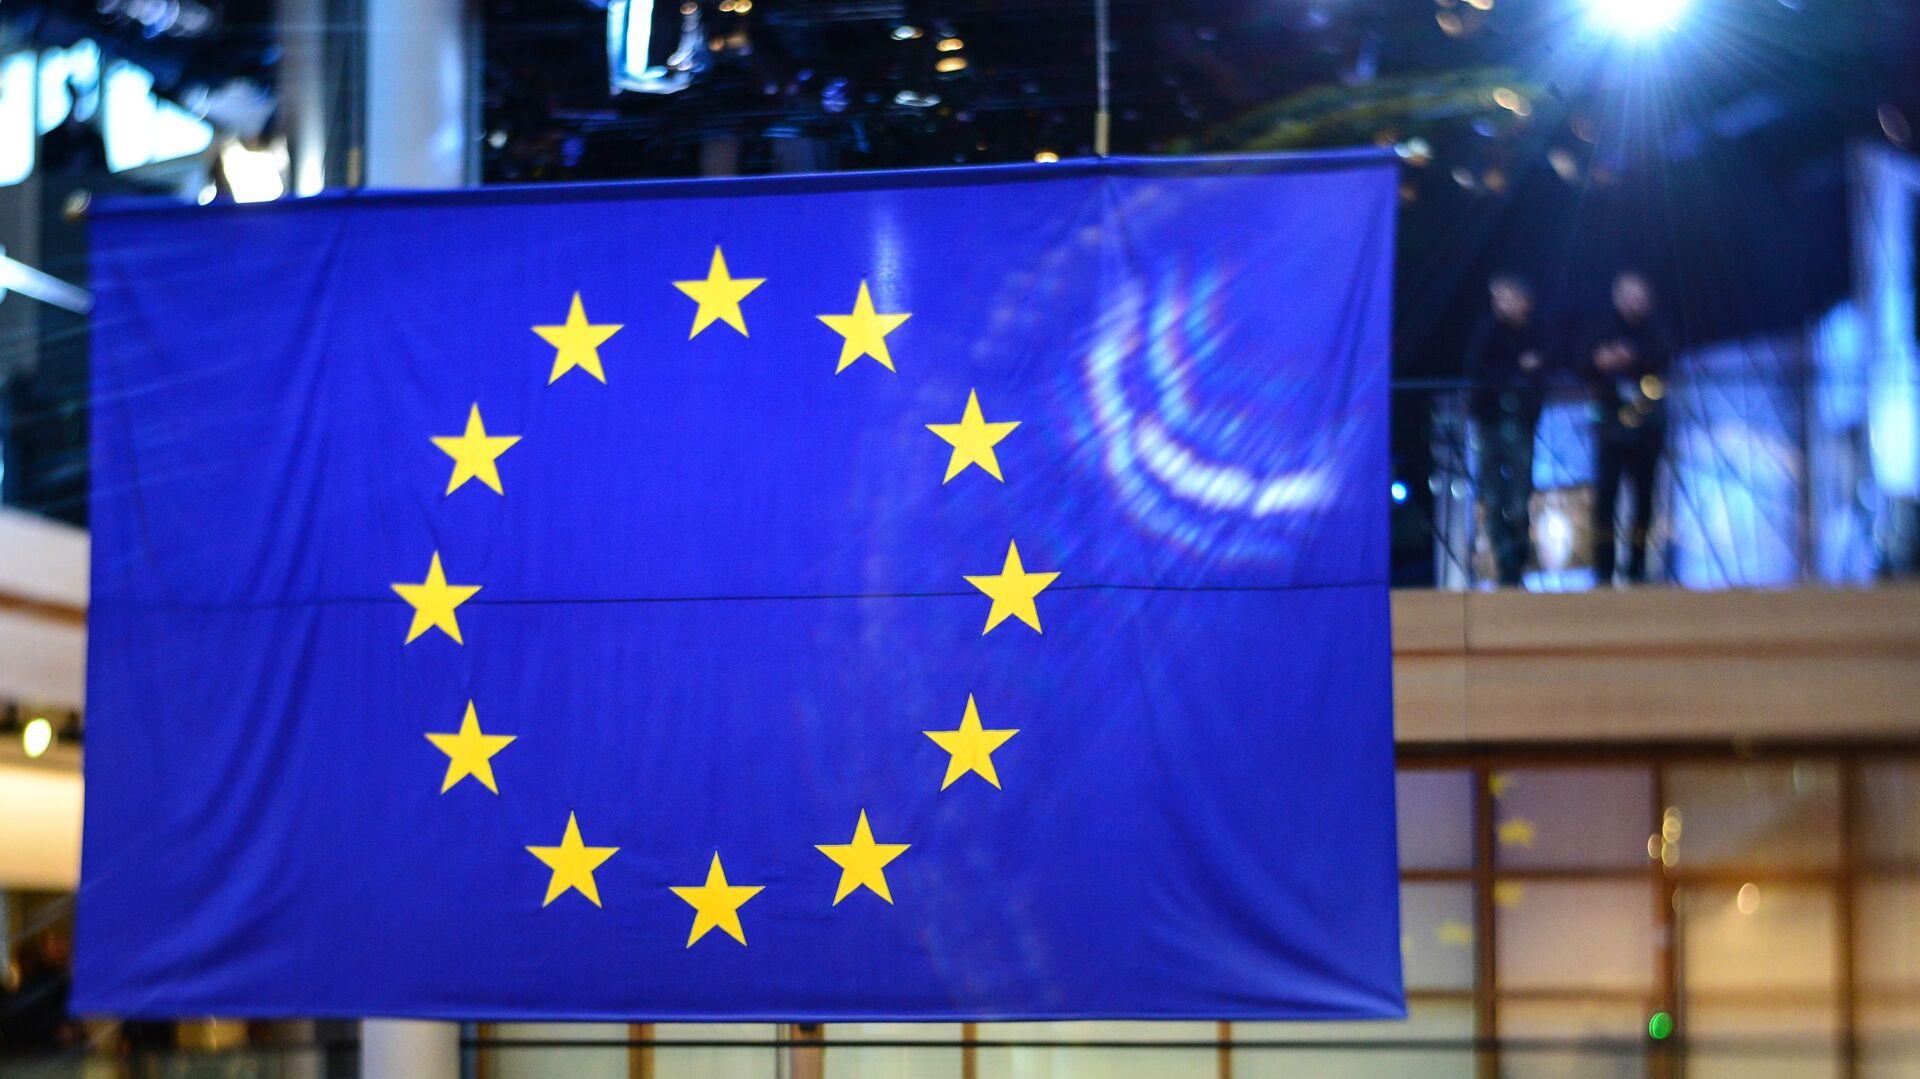 Флаг ЕС в здании Европейского парламента в Страсбурге - РИА Новости, 1920, 26.02.2021